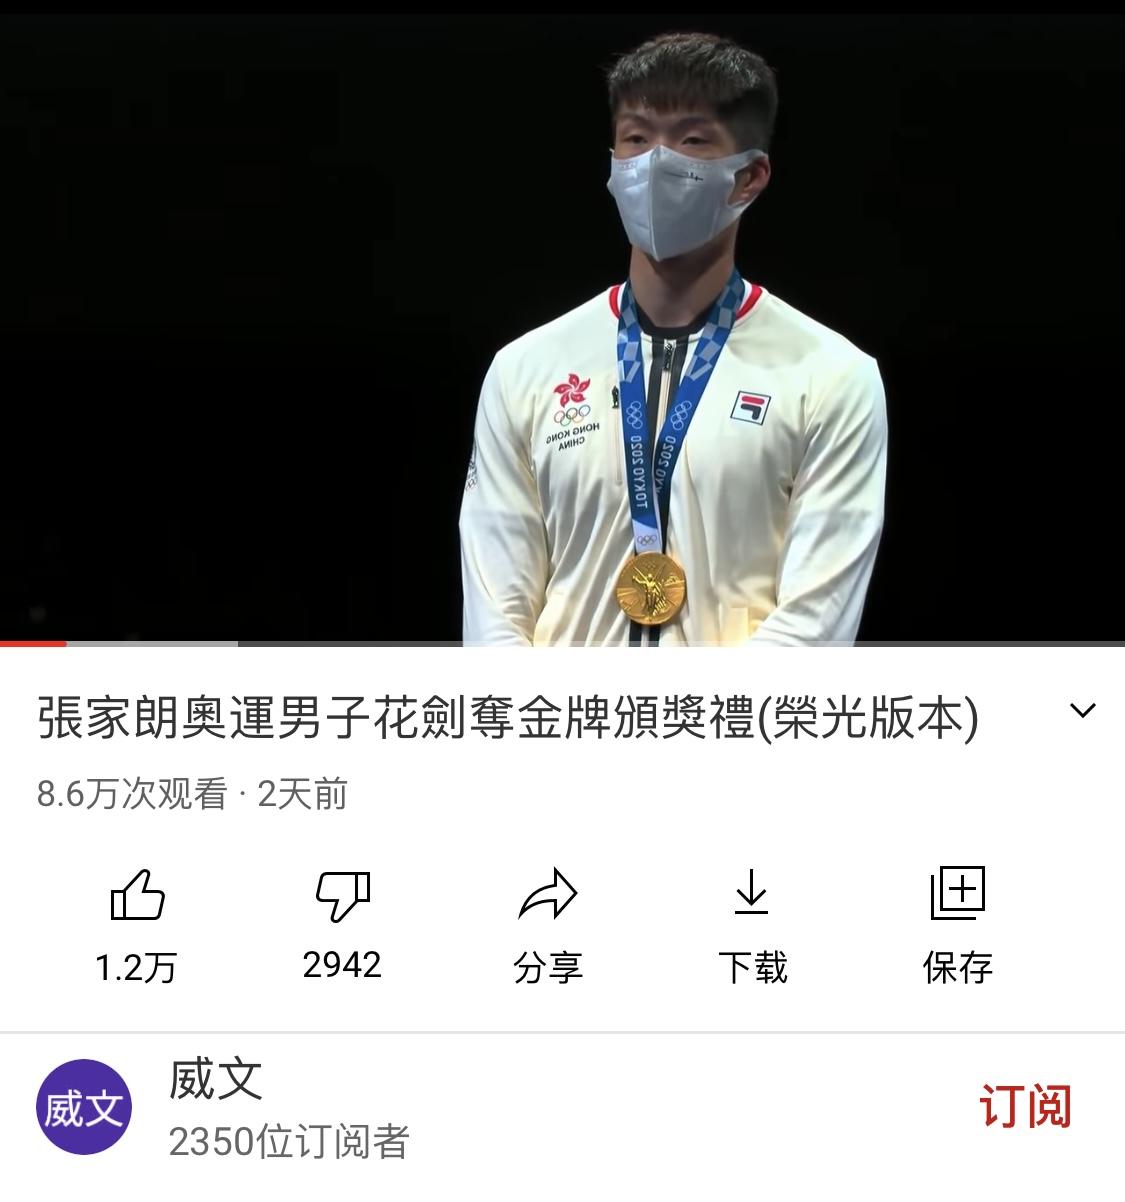 """油管播主""""威文""""在推特上发布的视频,将张家朗夺冠现场的中国国歌声改成了《愿荣光归香港》旋律,获得8.6万次观看。"""